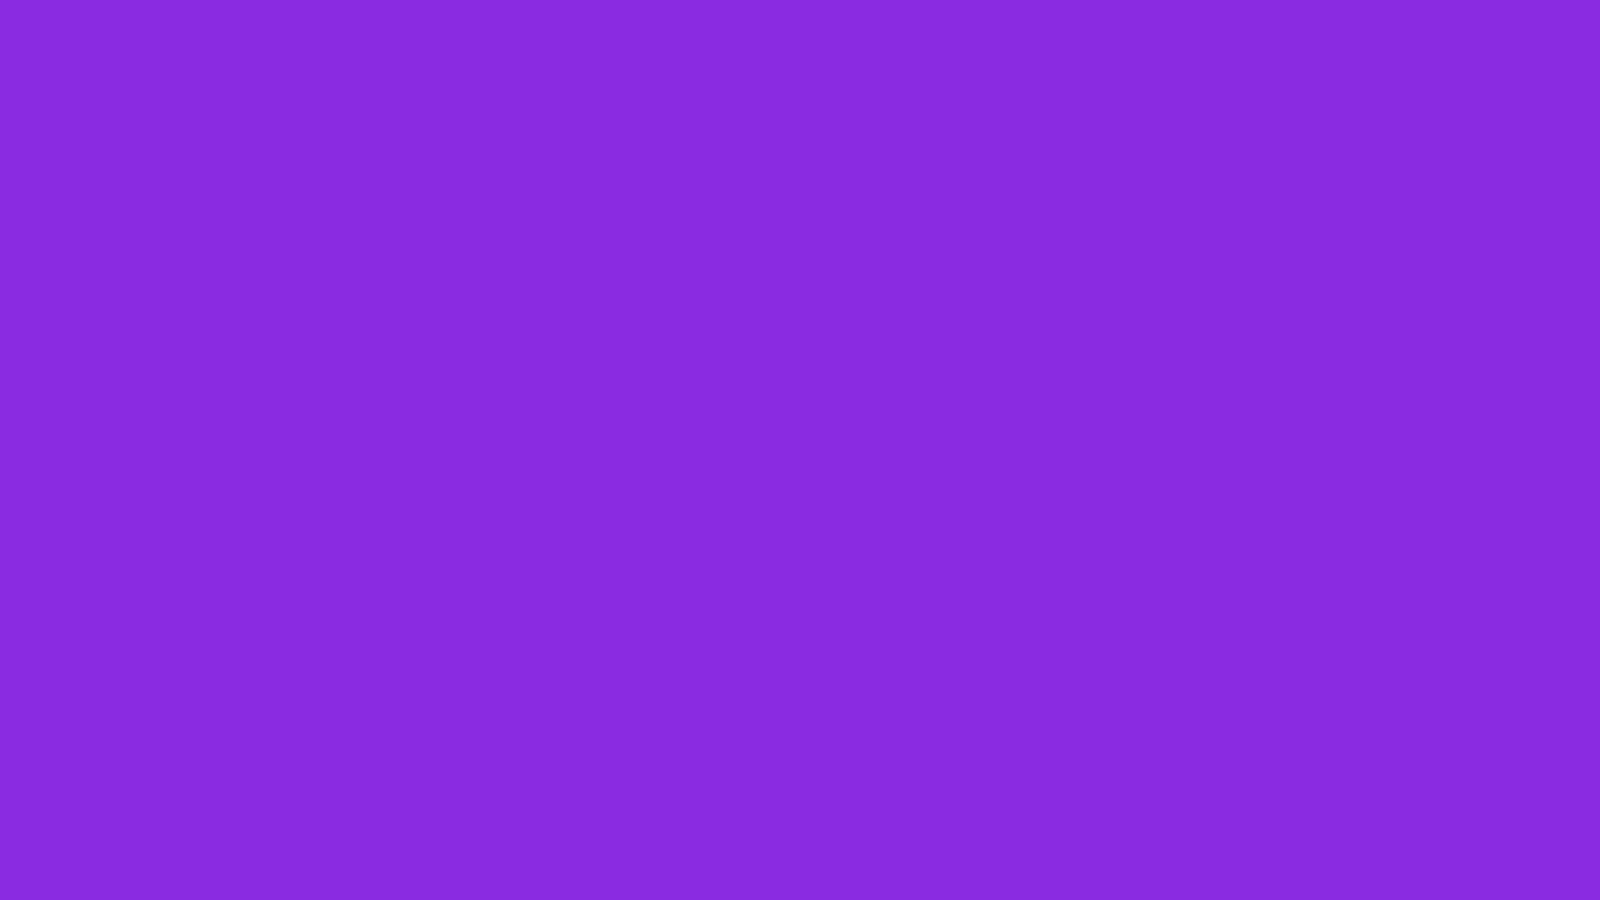 1600x900 Blue-violet Solid Color Background